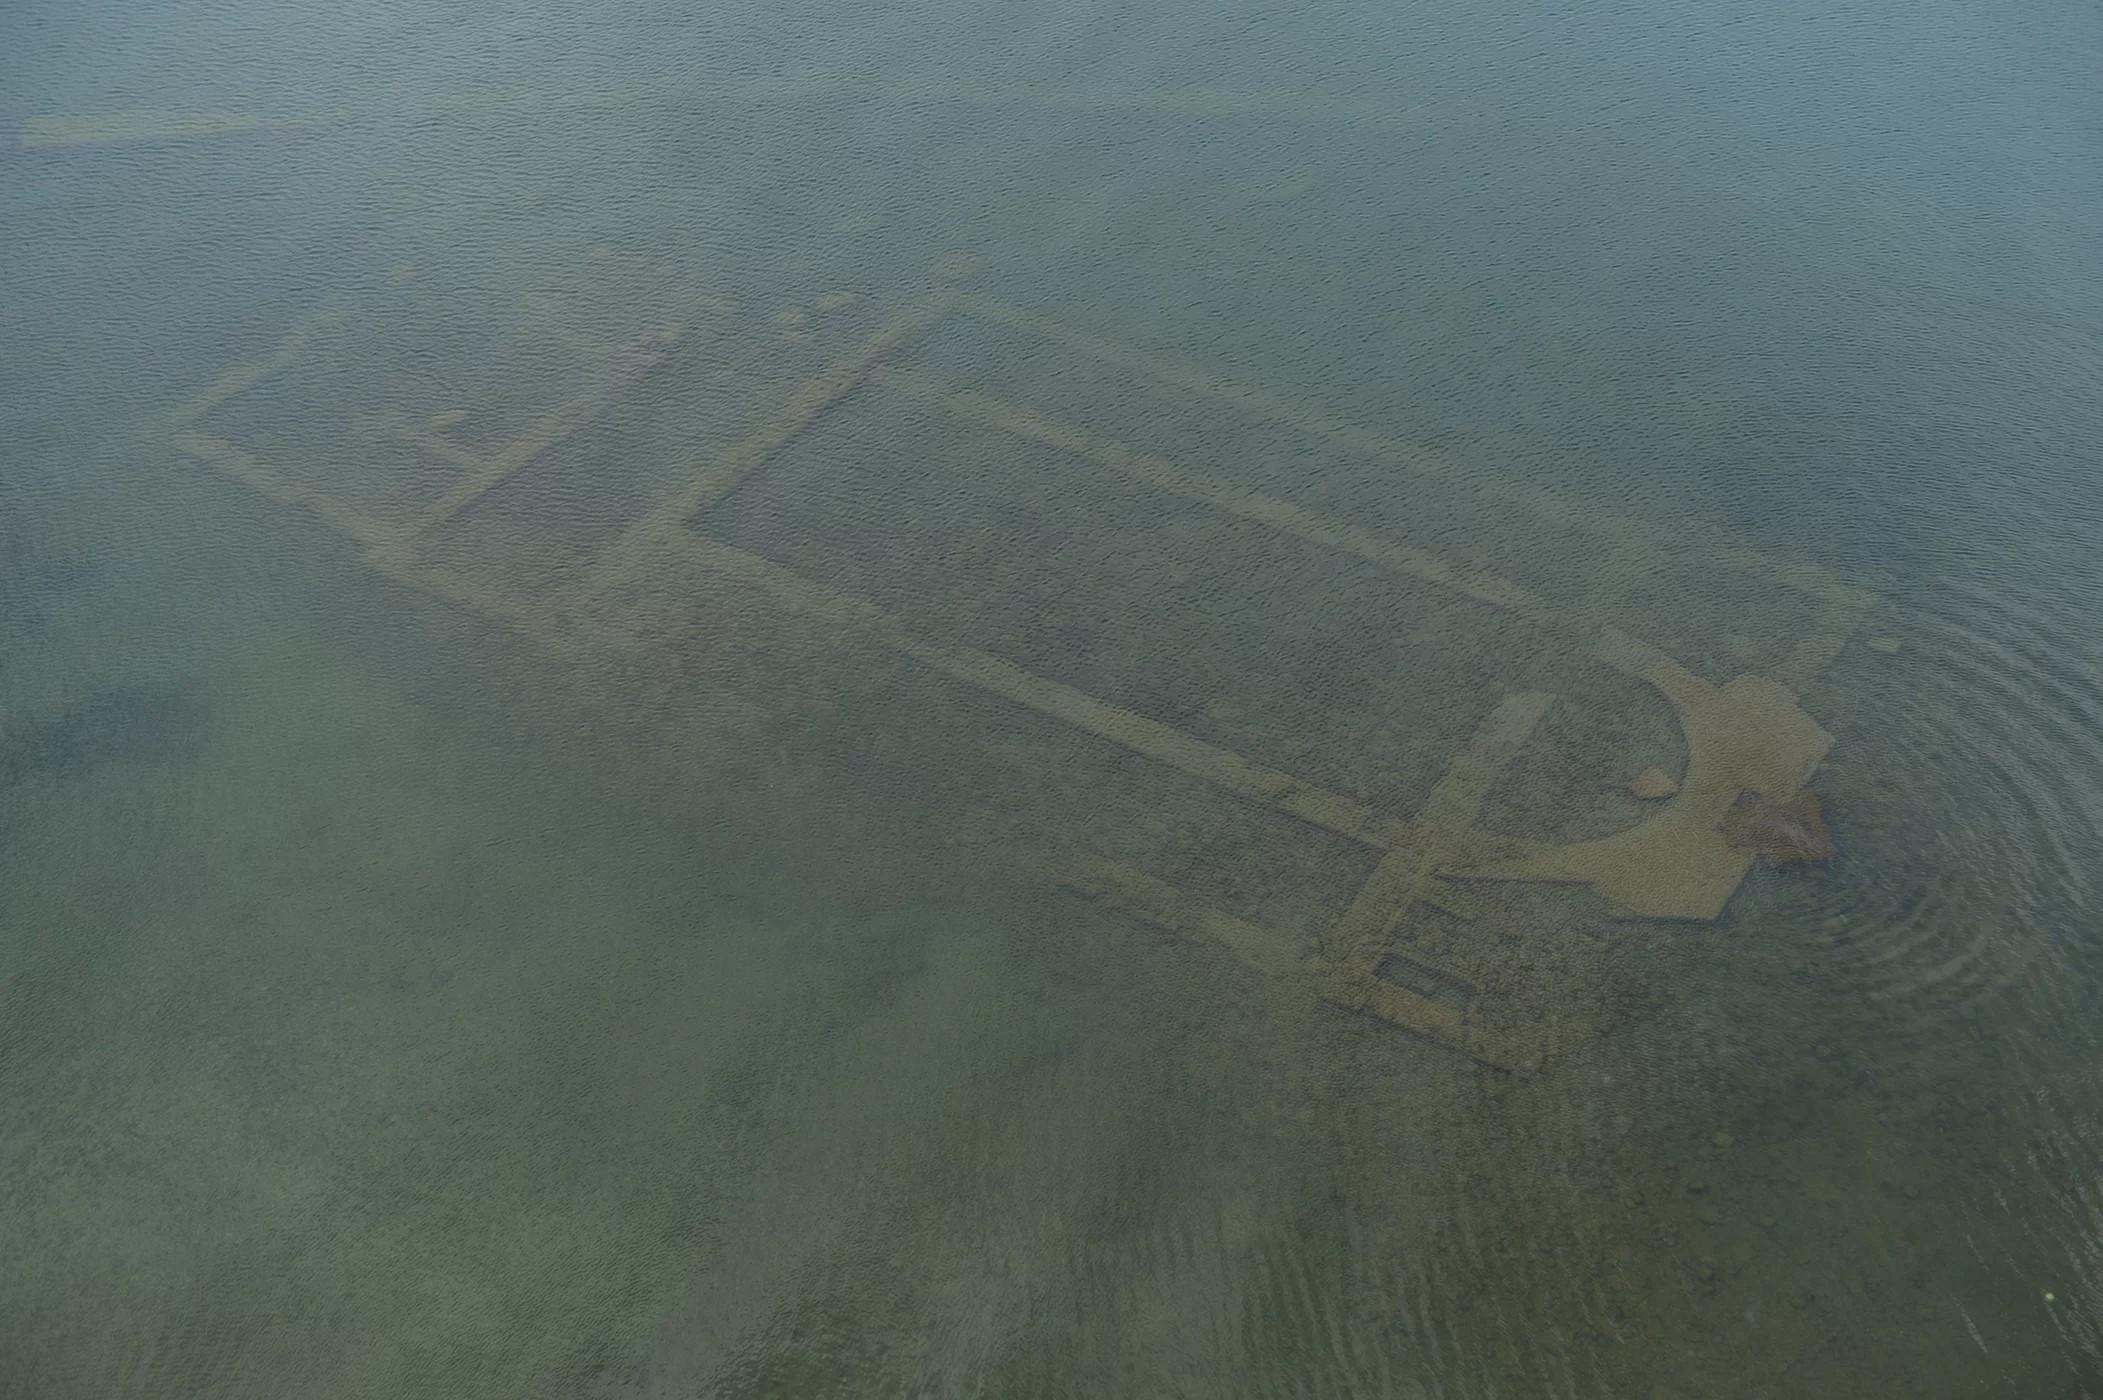 Após mais de 10 anos procurando a estrutura, arqueólogo contou com a ajuda do governo (Foto: Mustafa Şahin/Lake Iznik Excavation Archive)